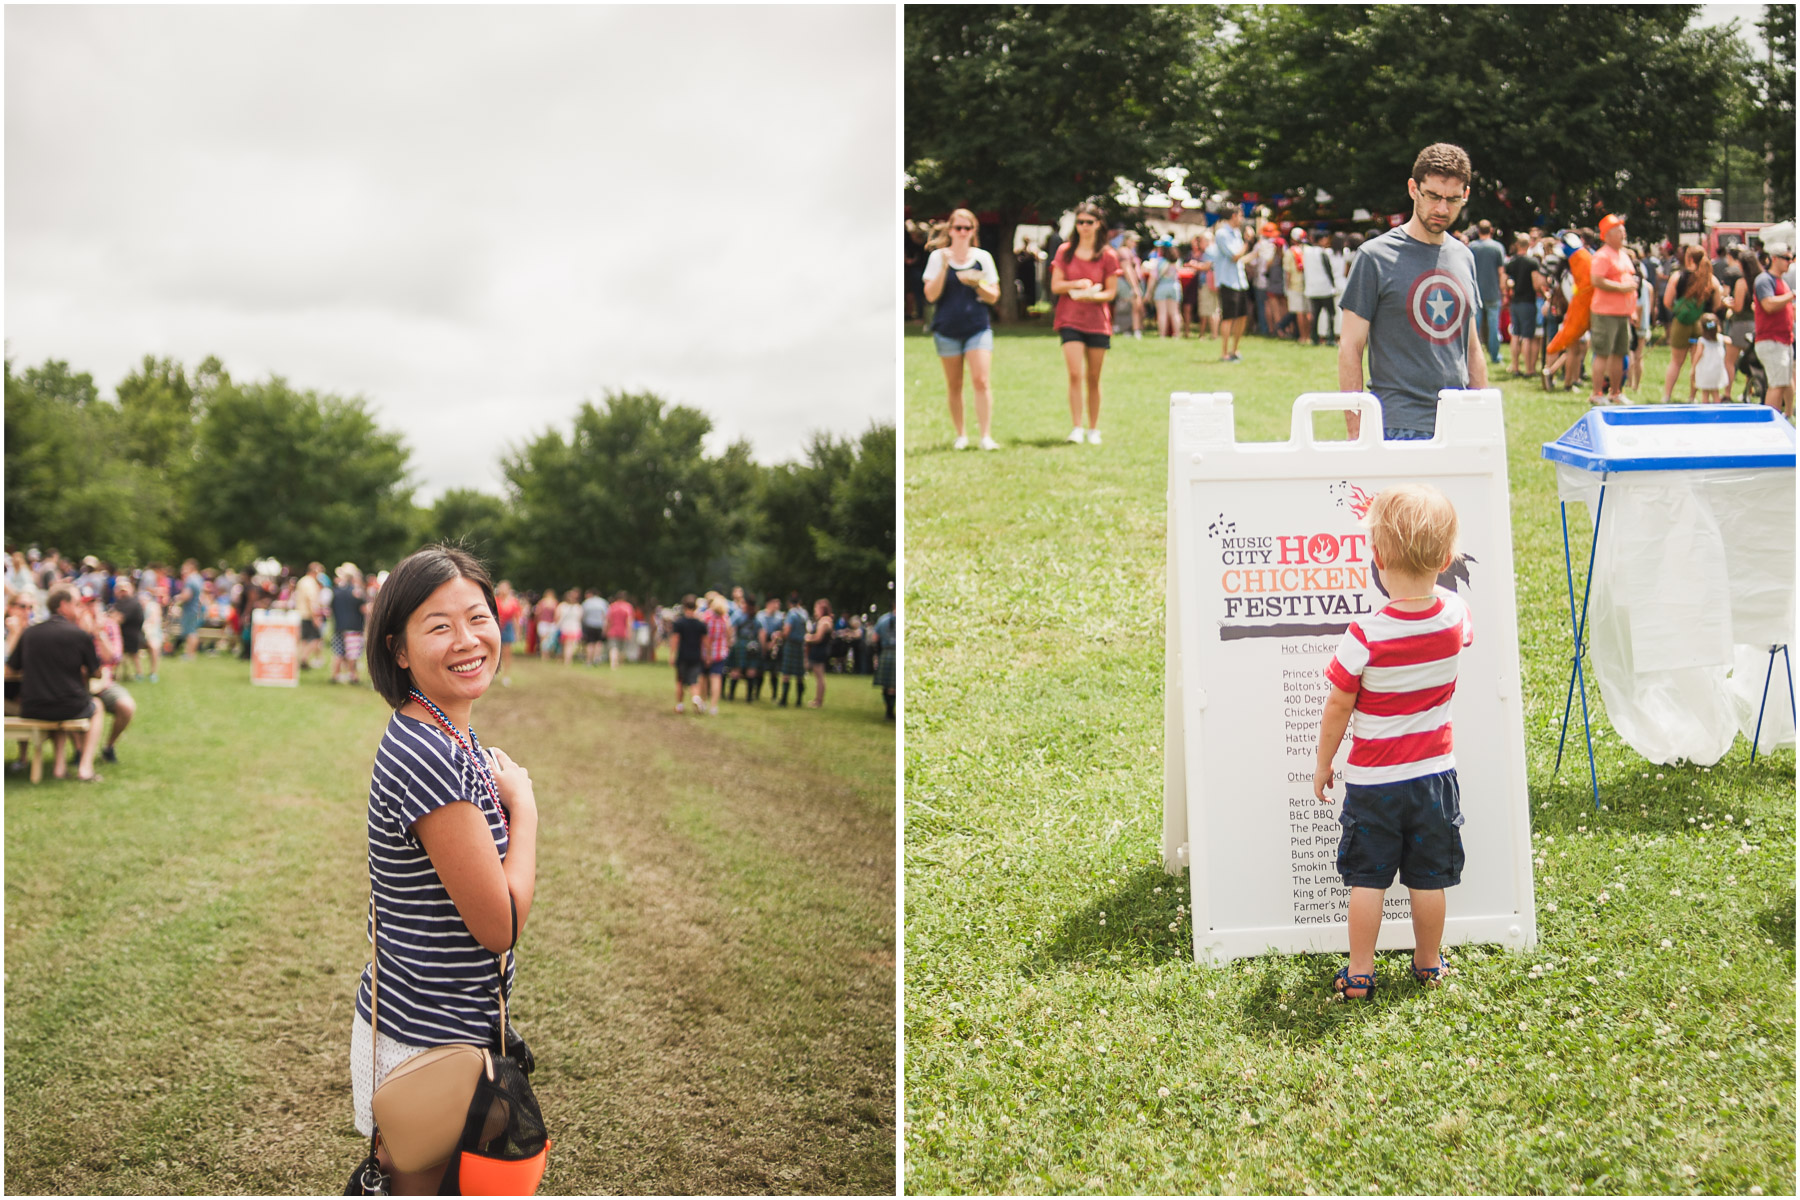 Nashville-Hot-Chicken-Festival-July-4_6.jpg